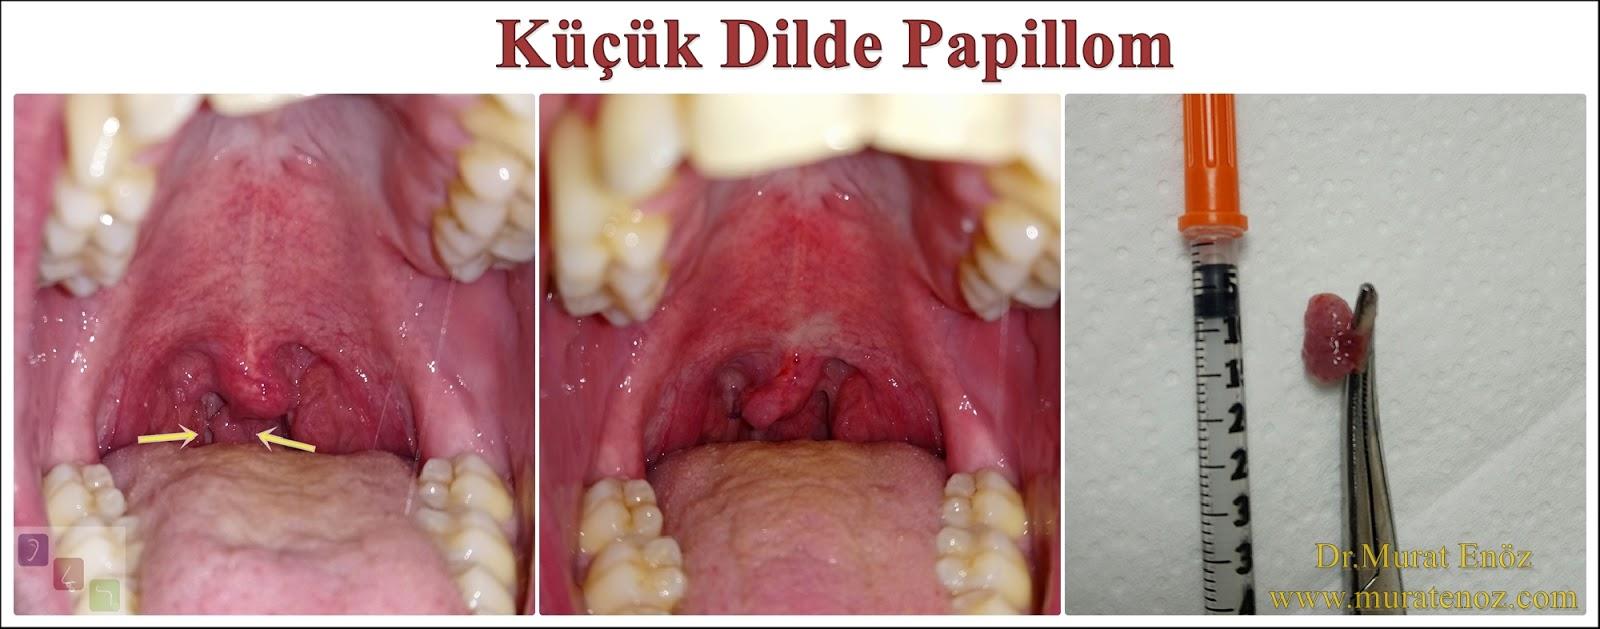 hpv papilloma uvula